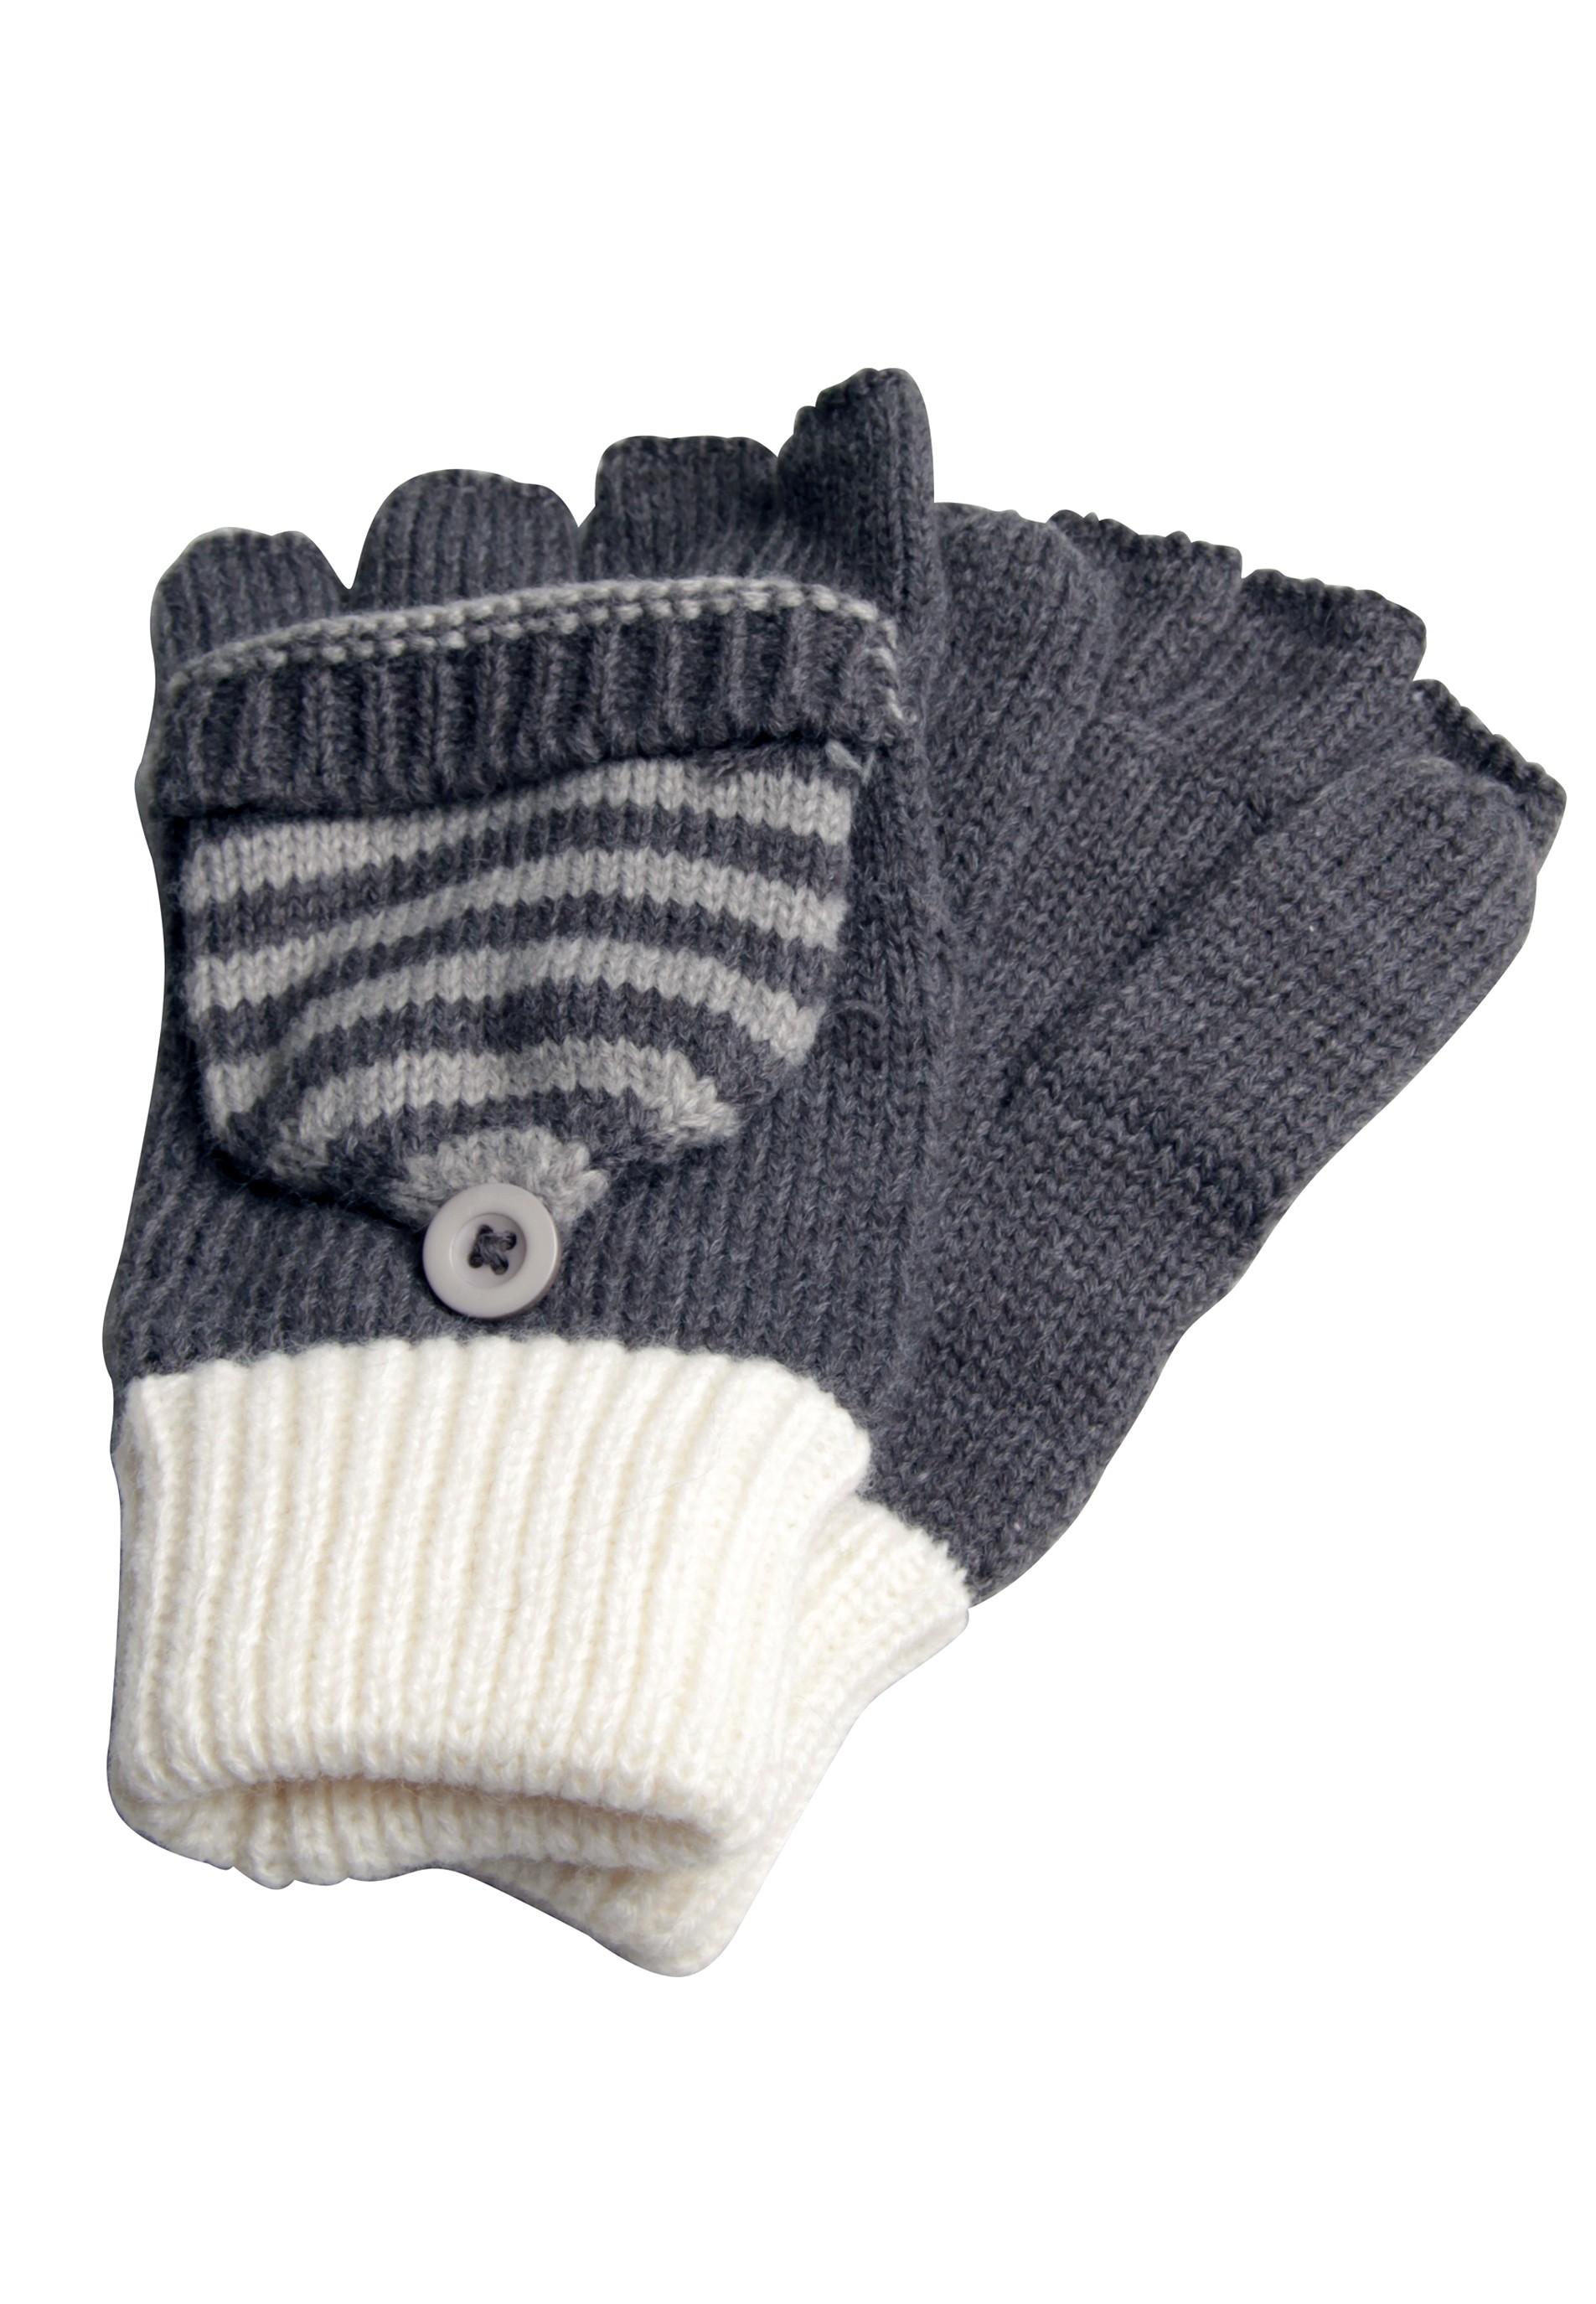 Kuscheliger Damenhandschuh mit Fäustlingsfunktion